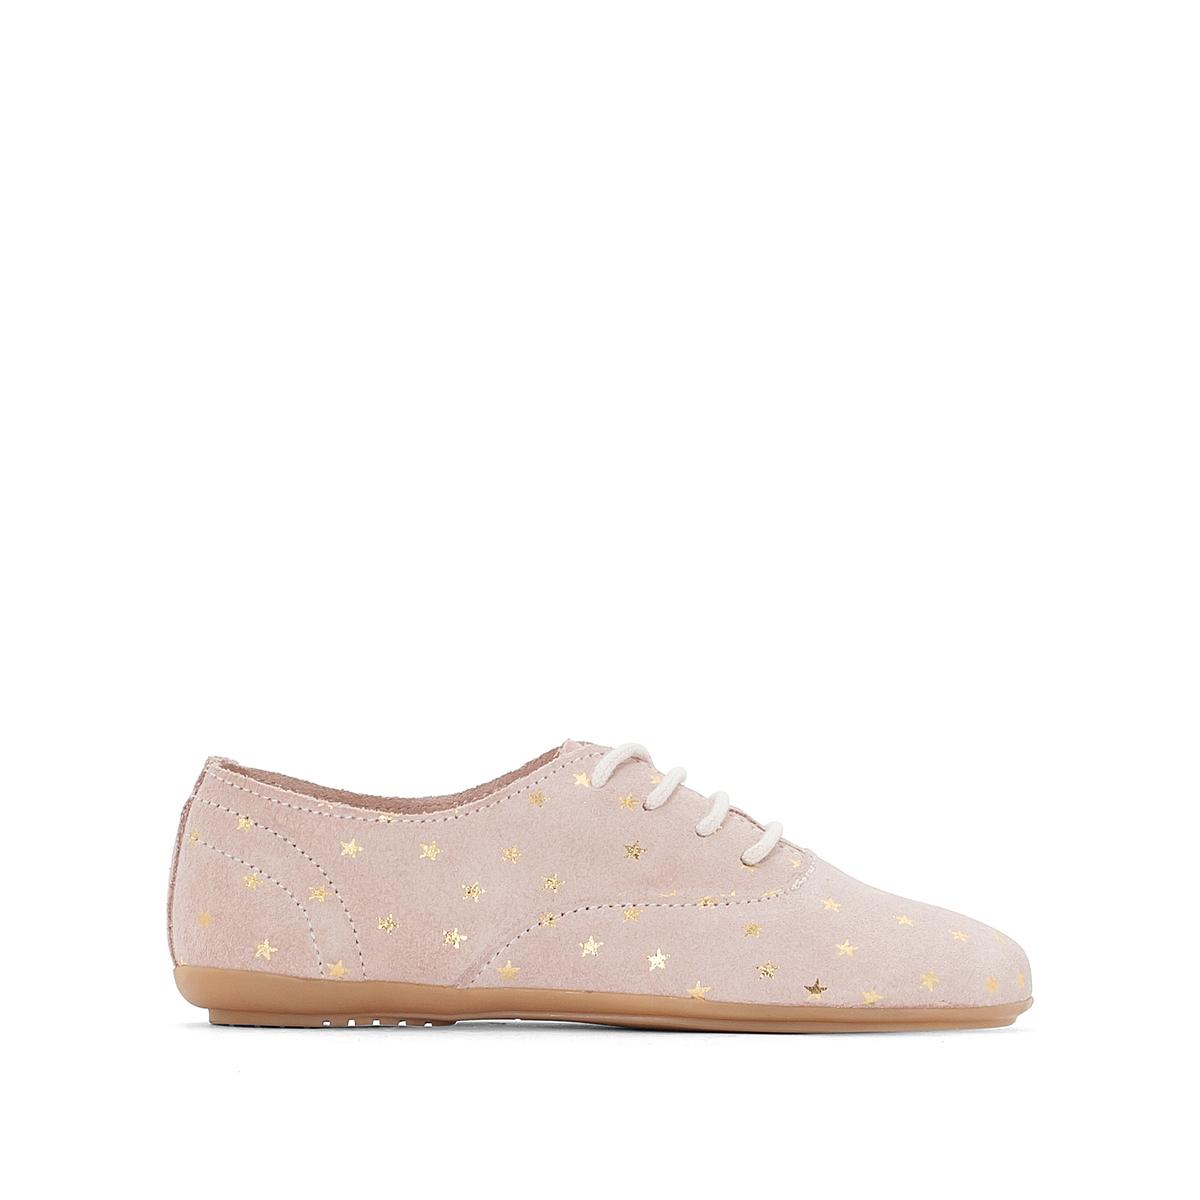 цена Ботинки-дерби La Redoute Кожаные со звздами - 39 розовый онлайн в 2017 году